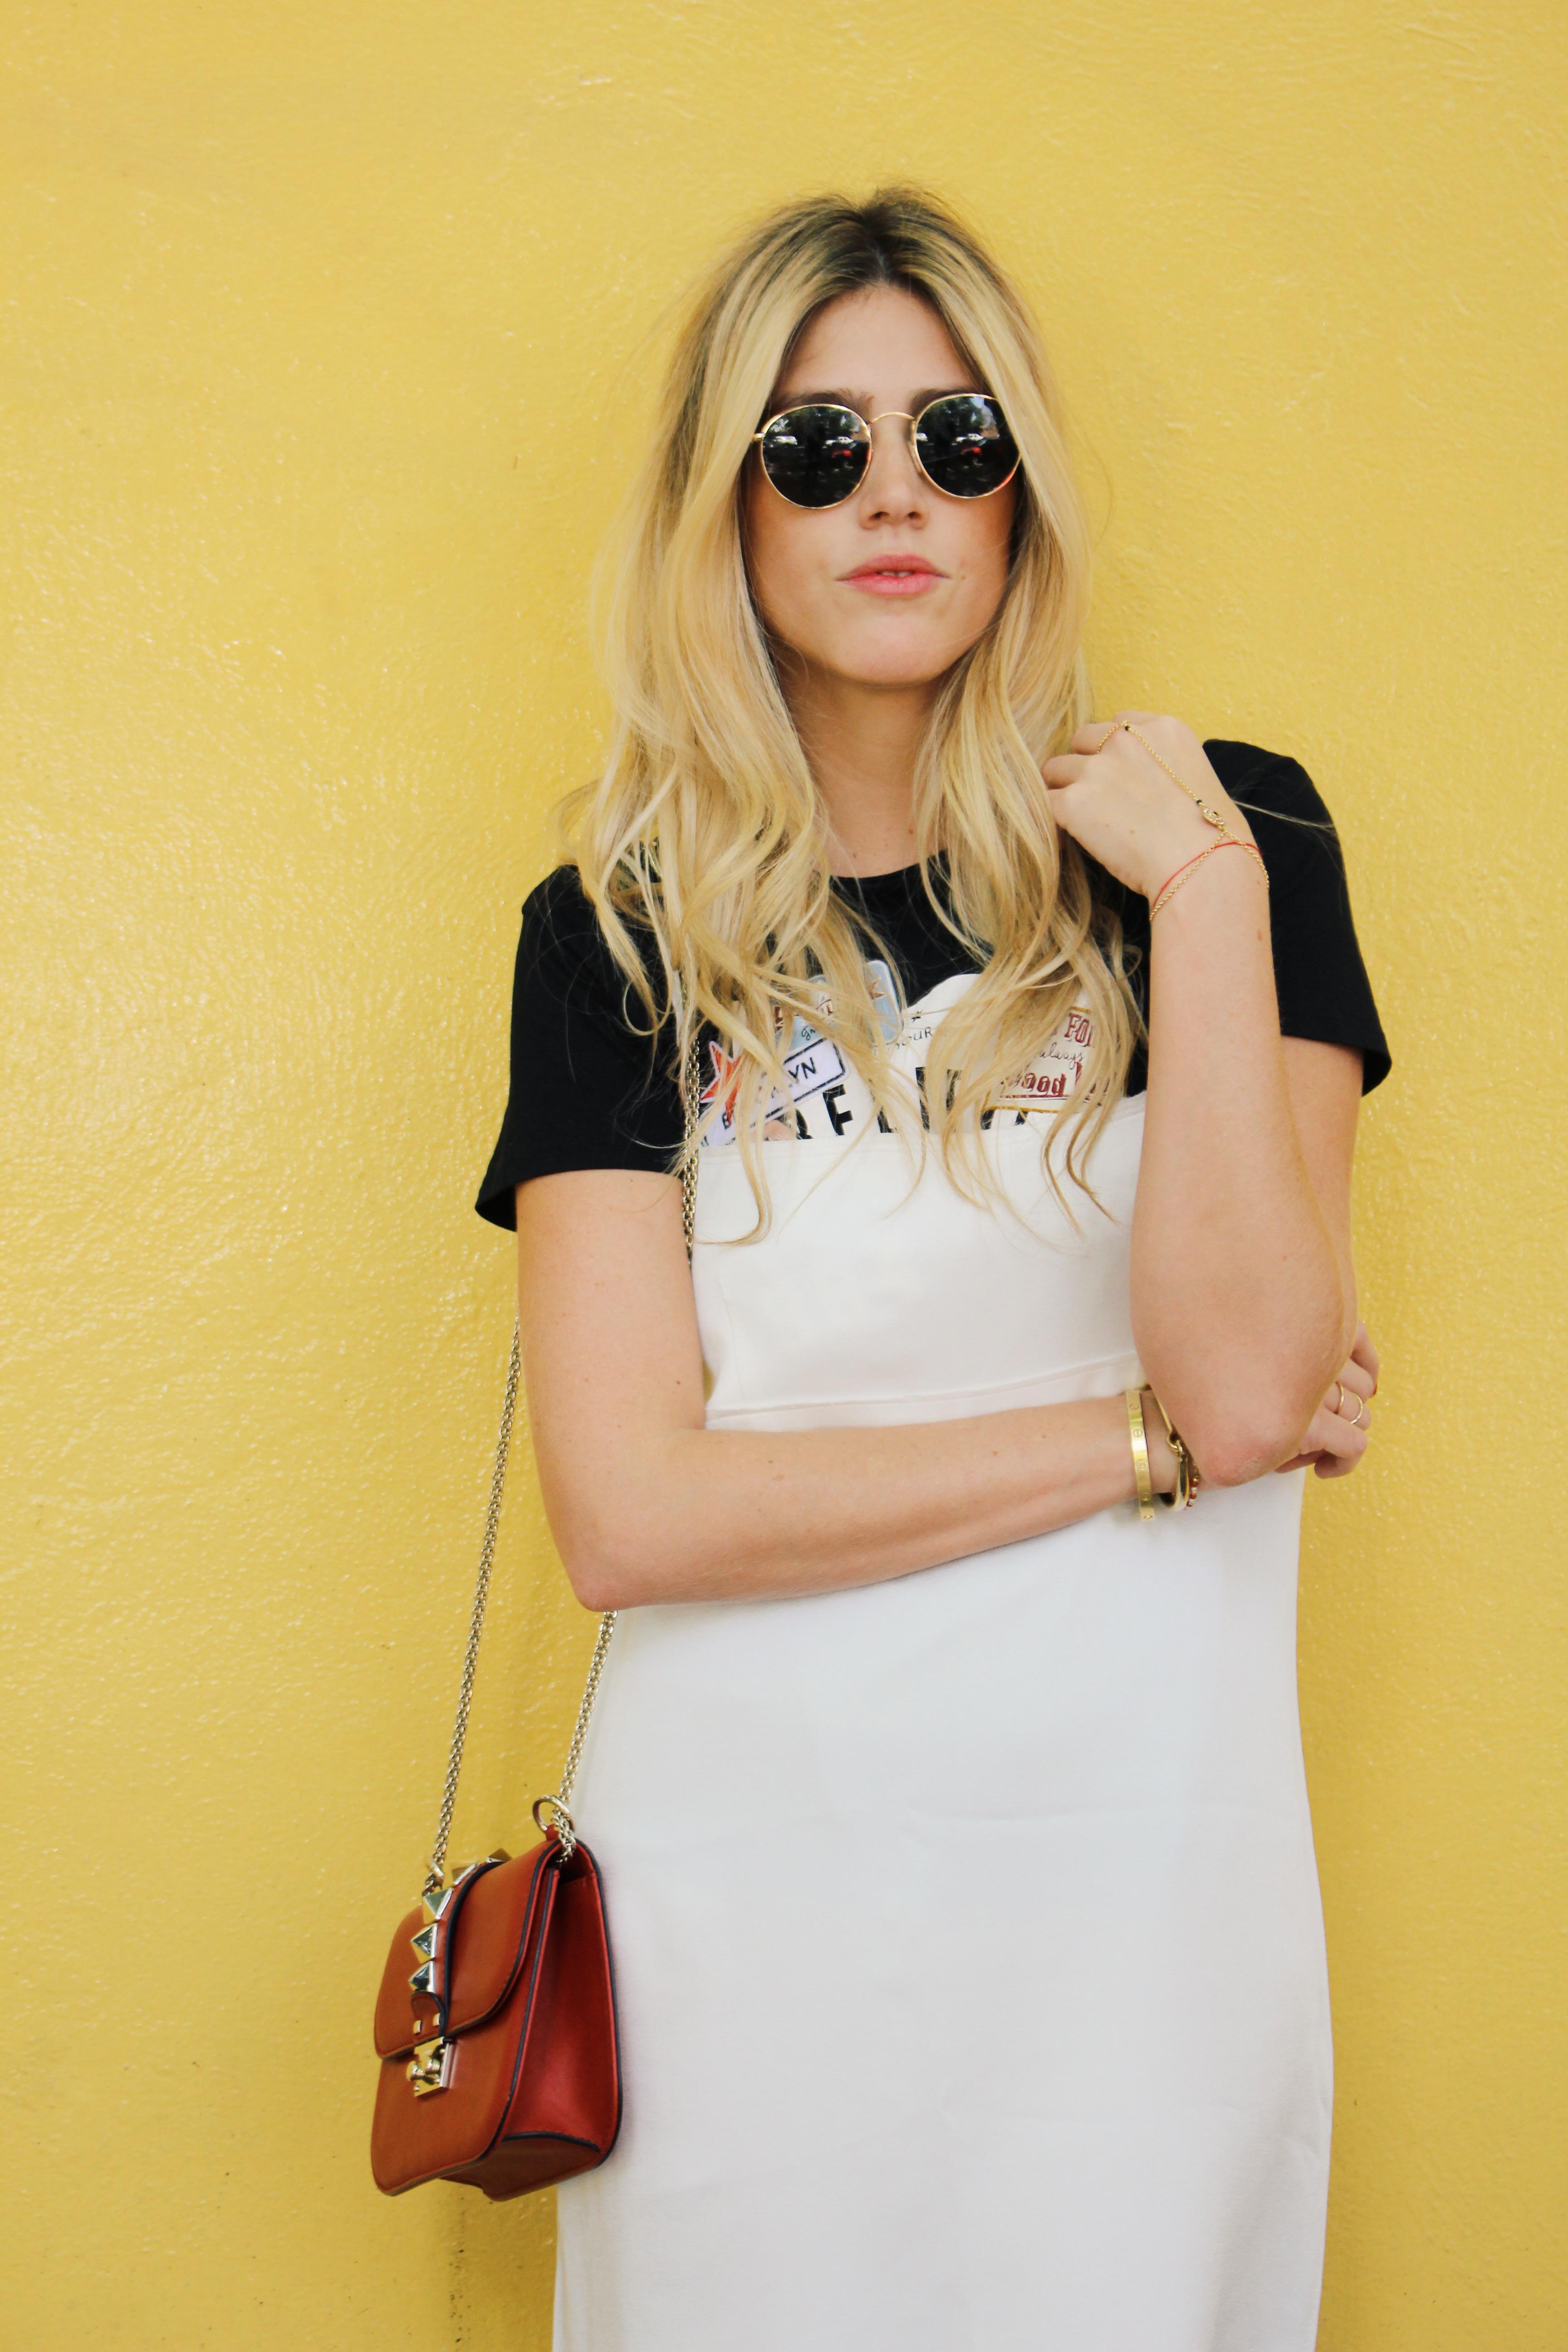 T shirt under dress - T Shirt Under A White Dress